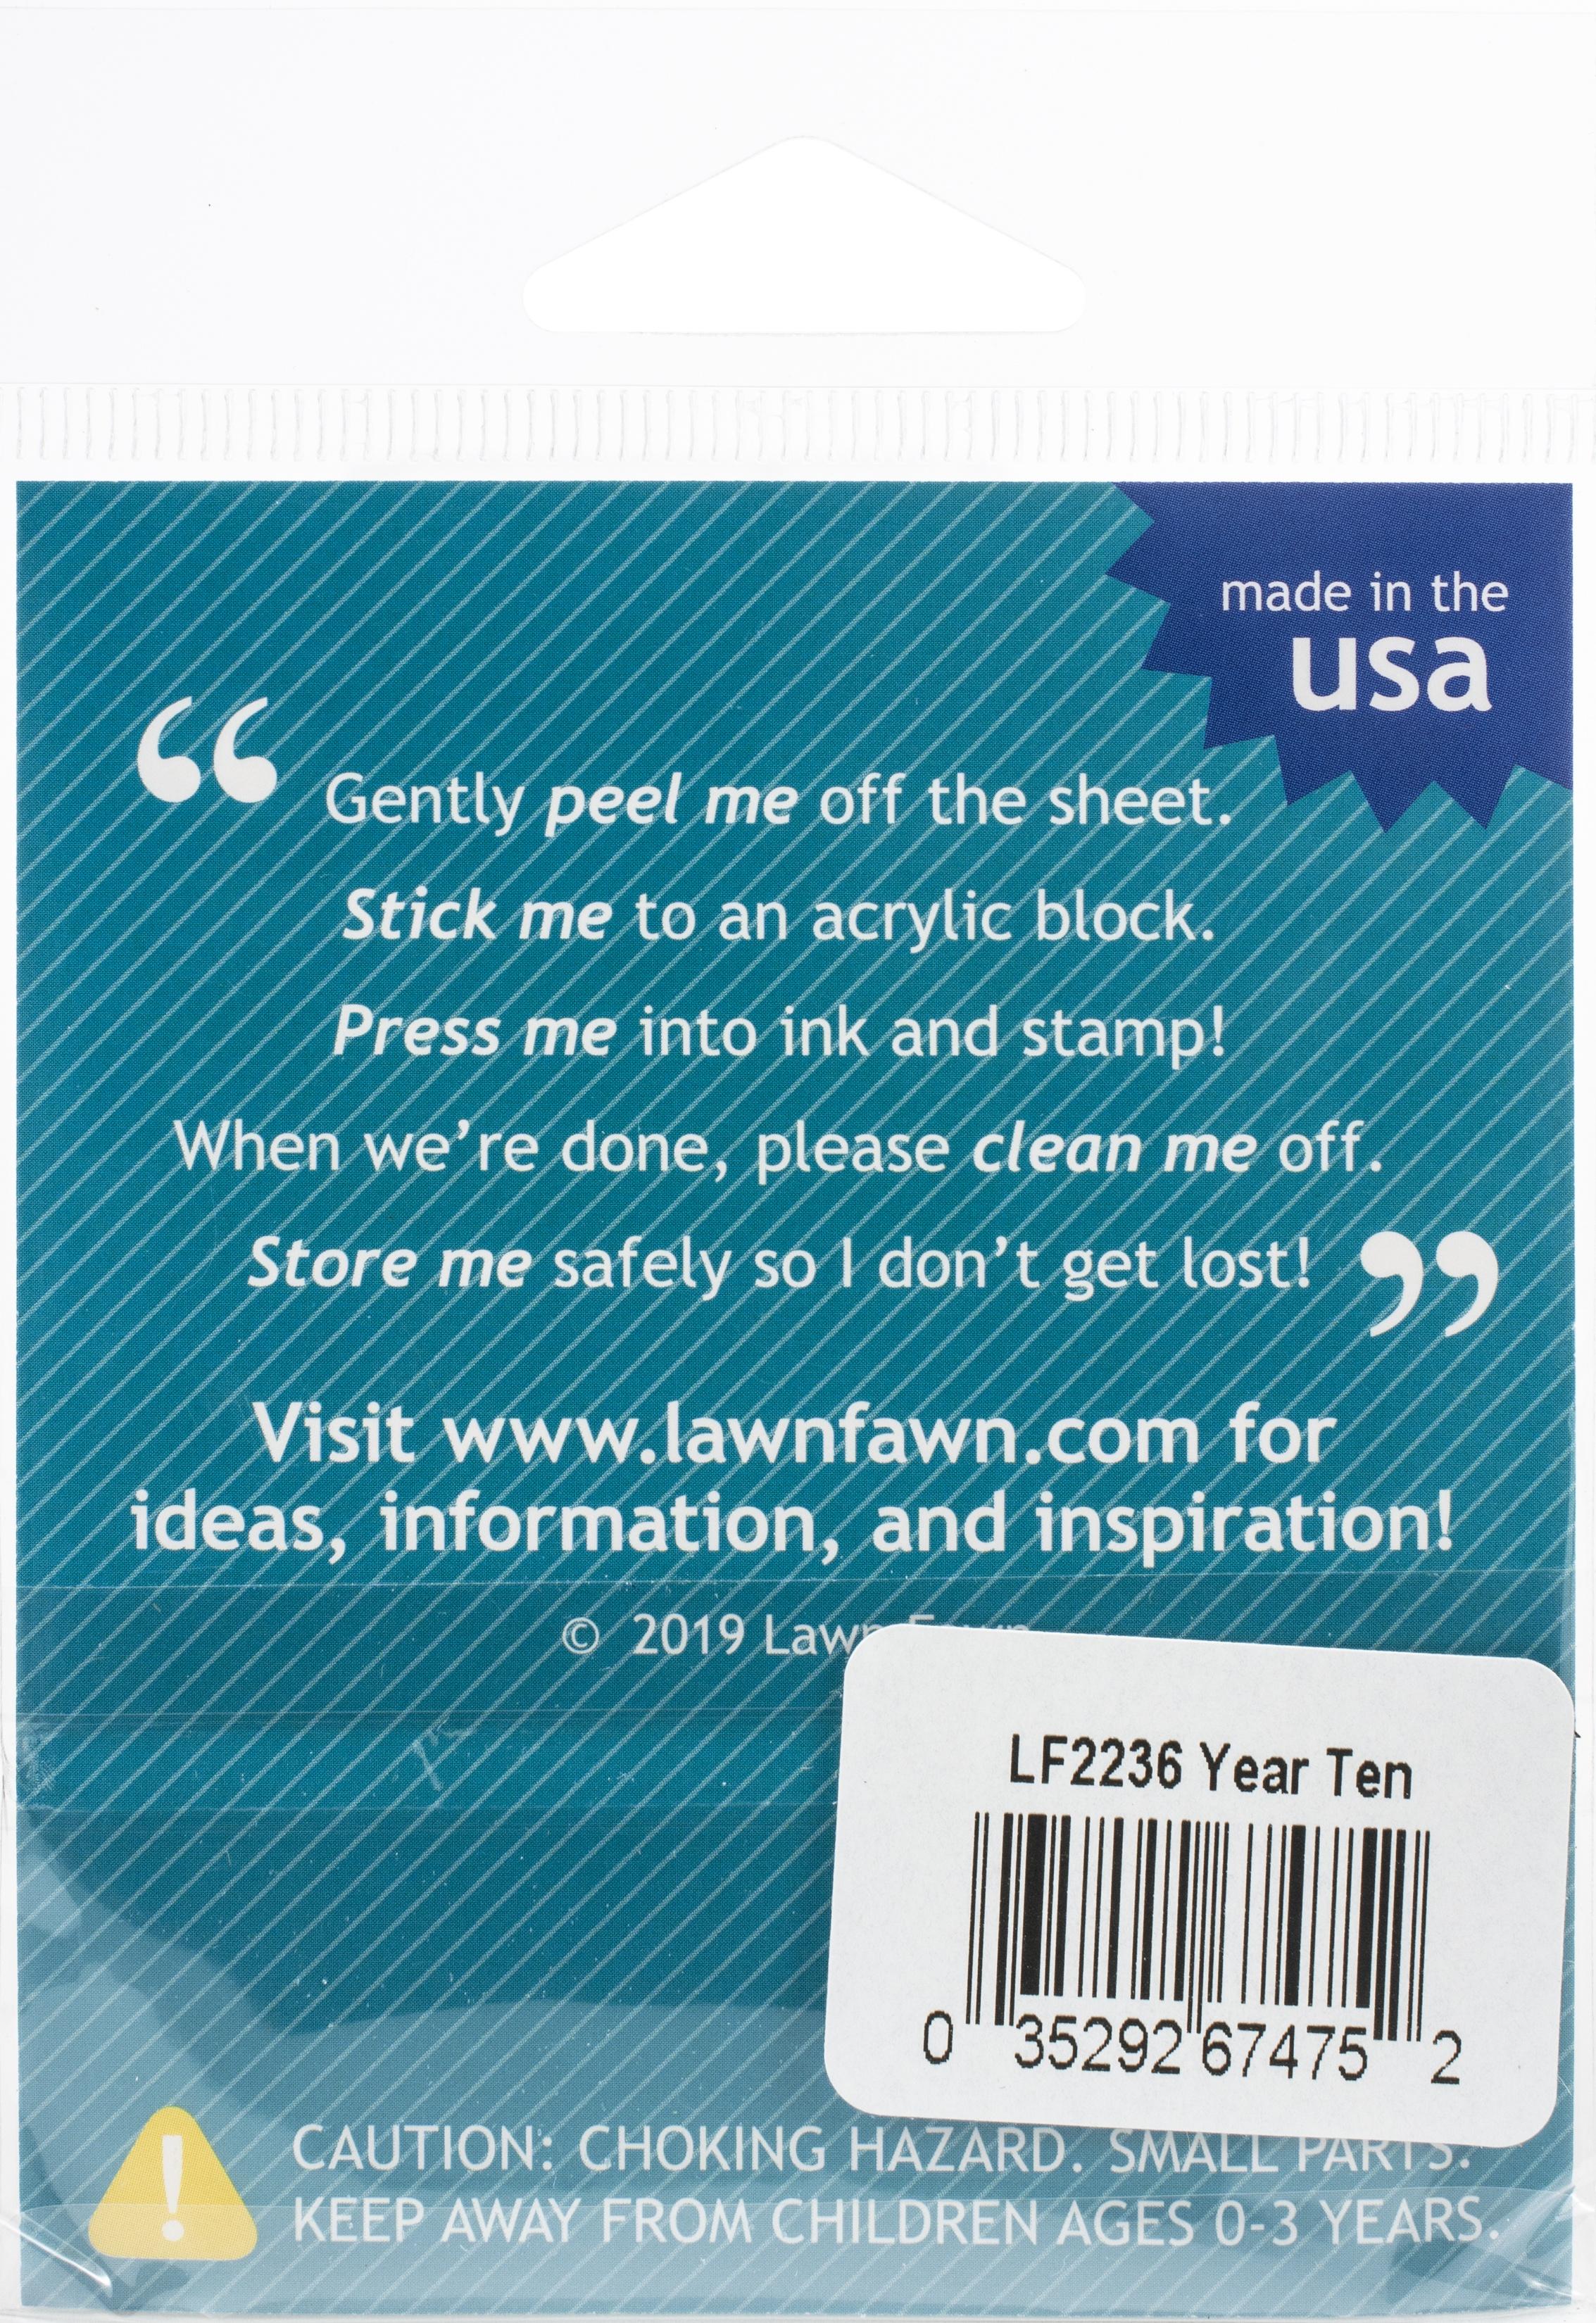 Year Ten Stamp